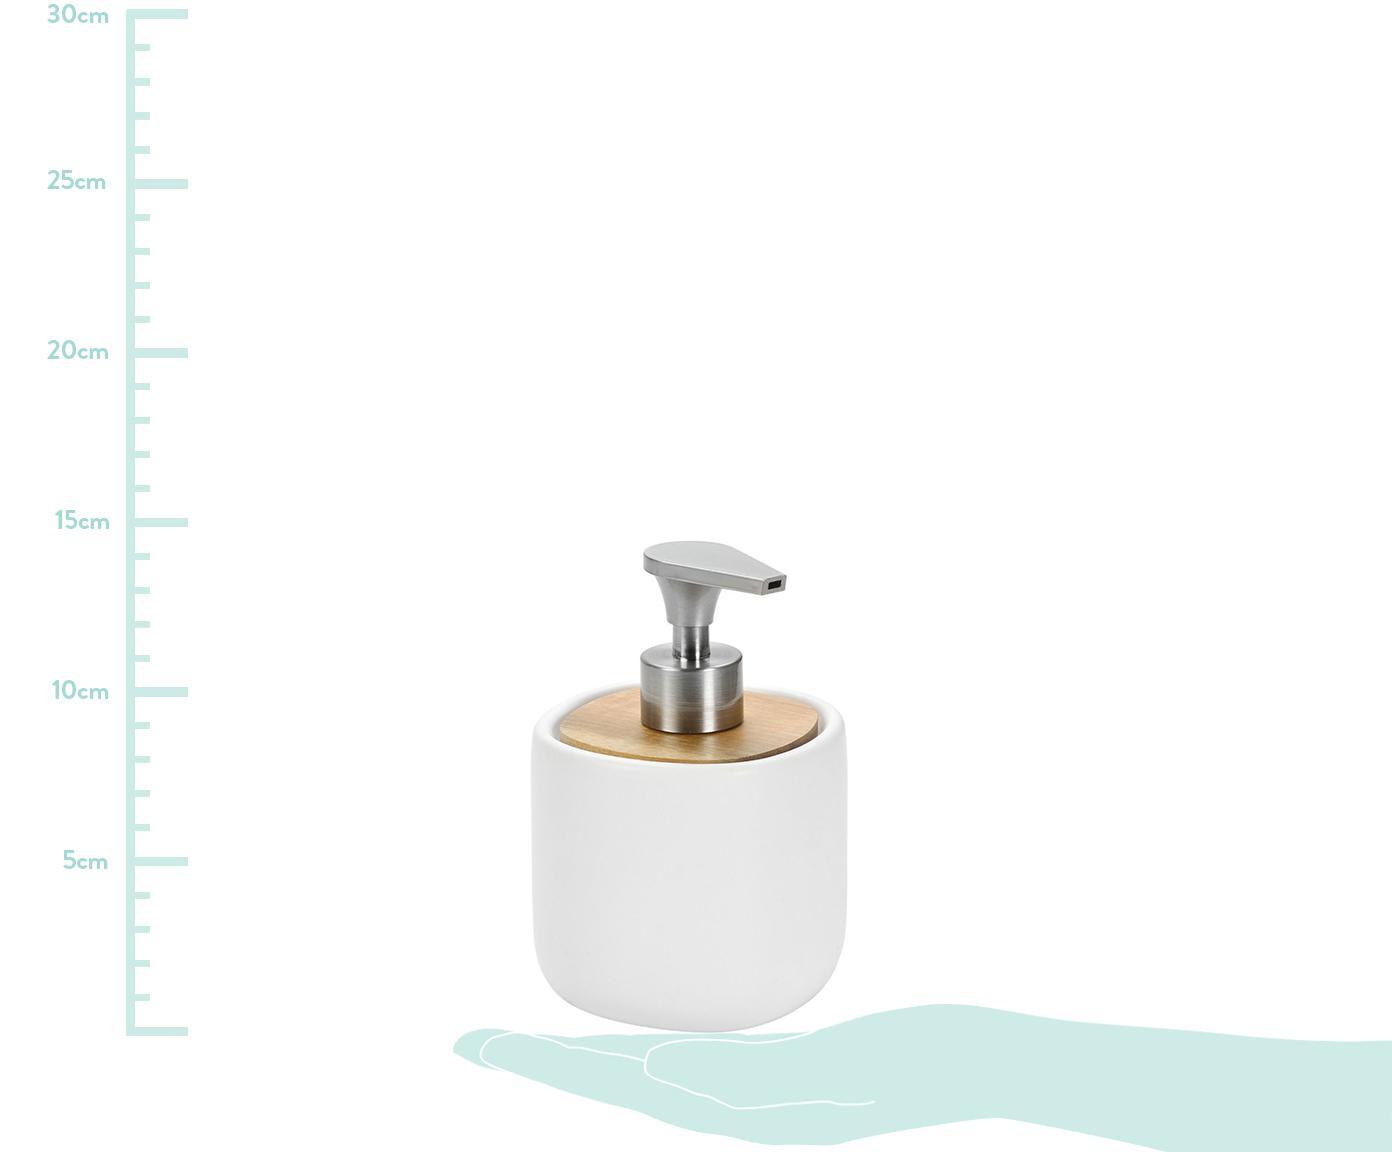 Dozownik do mydła Wili, Biały, drewno akacjowe, Ø 10 x W 14 cm